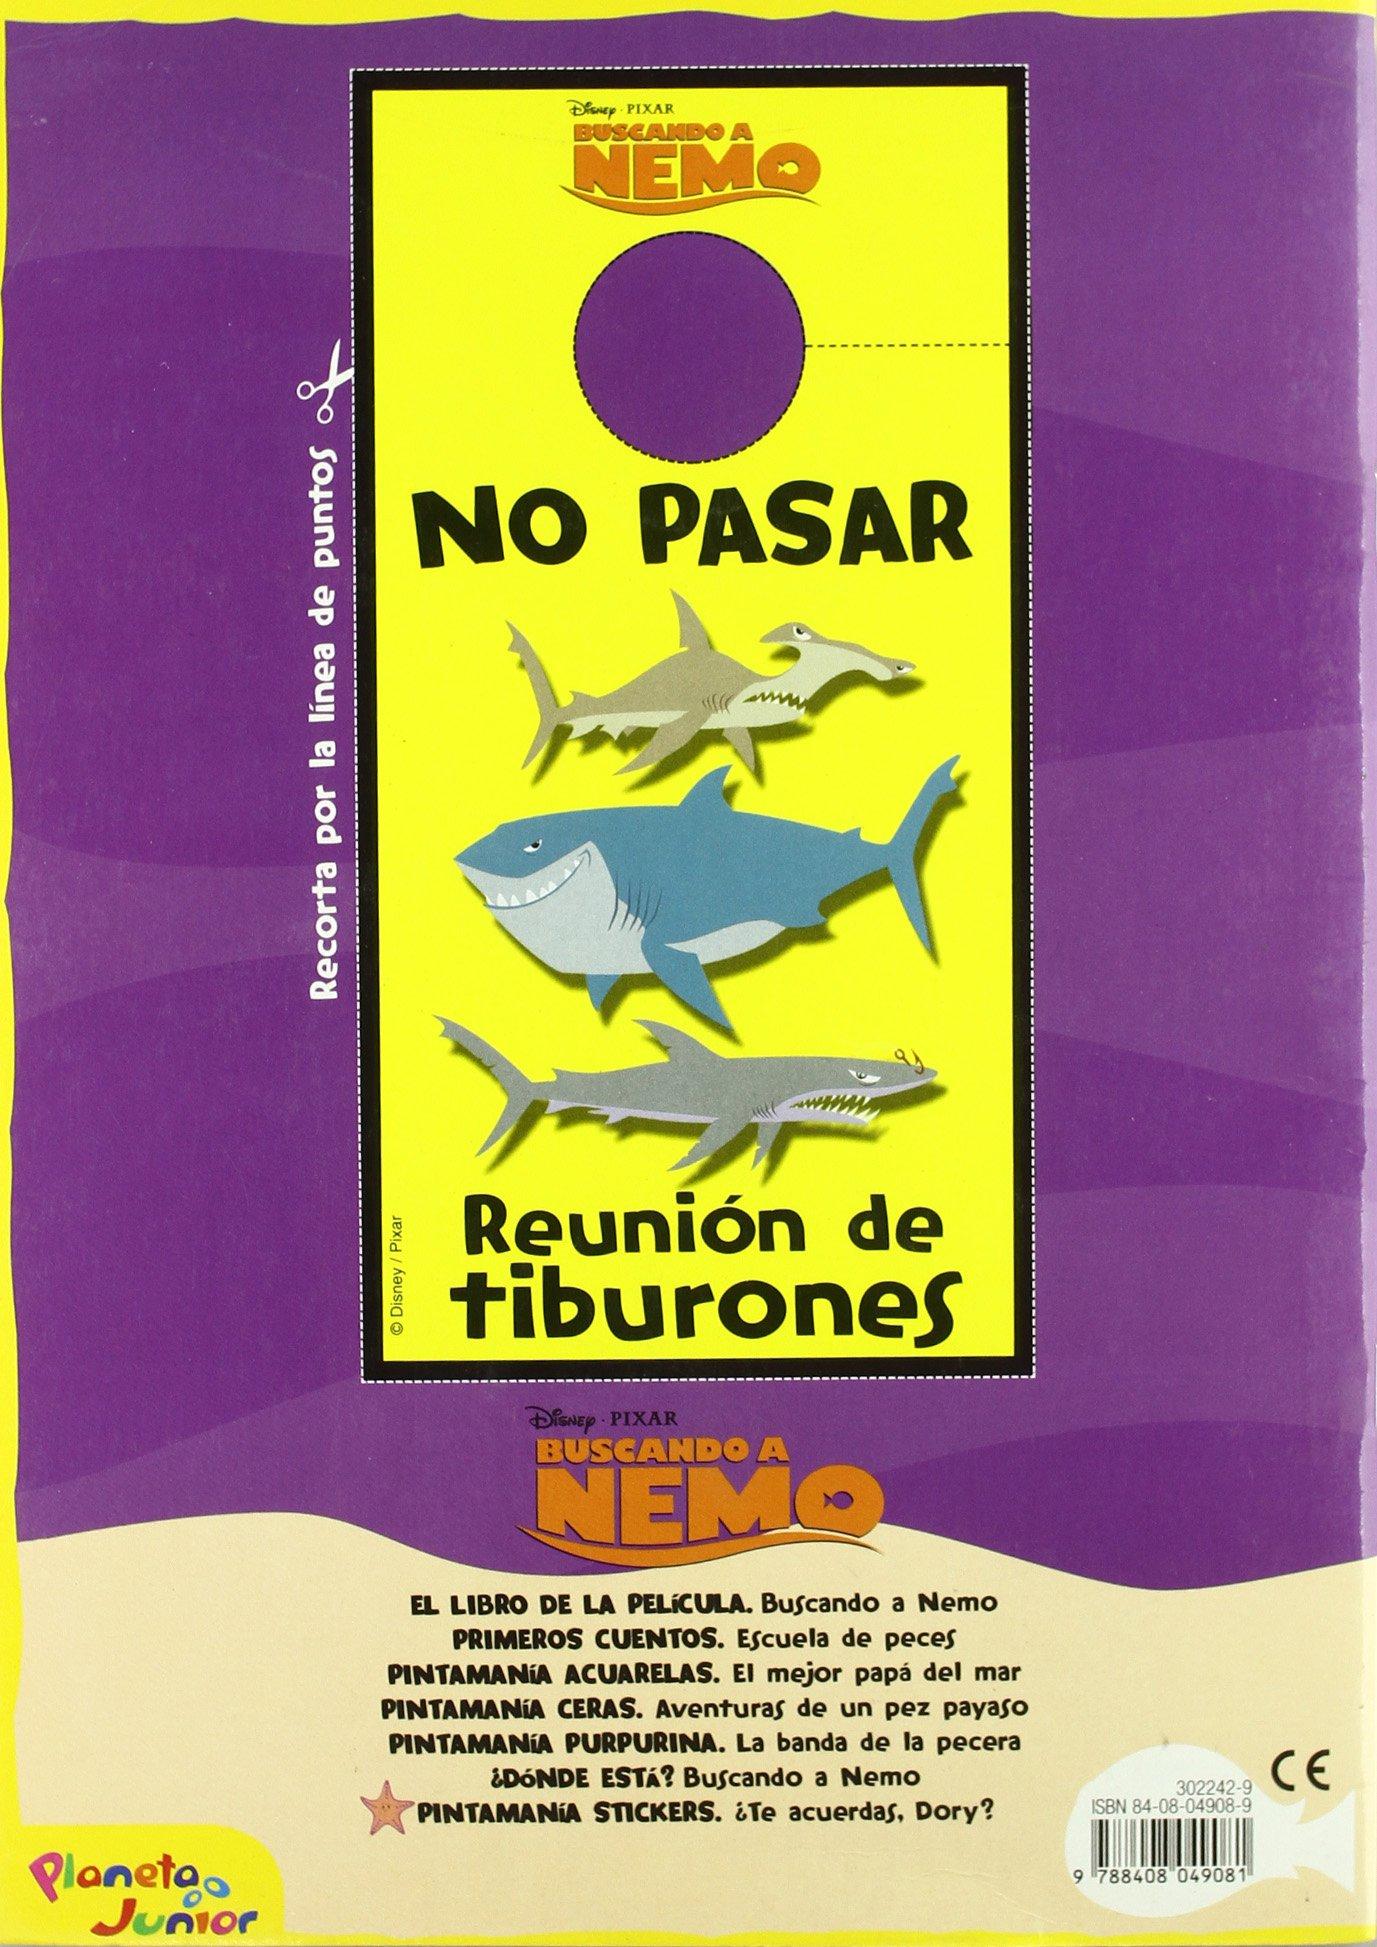 Buscando a Nemo. Pintamanía stickers Disney. Buscando a Nemo: Amazon.es: Disney. Buscando a Nemo: Libros